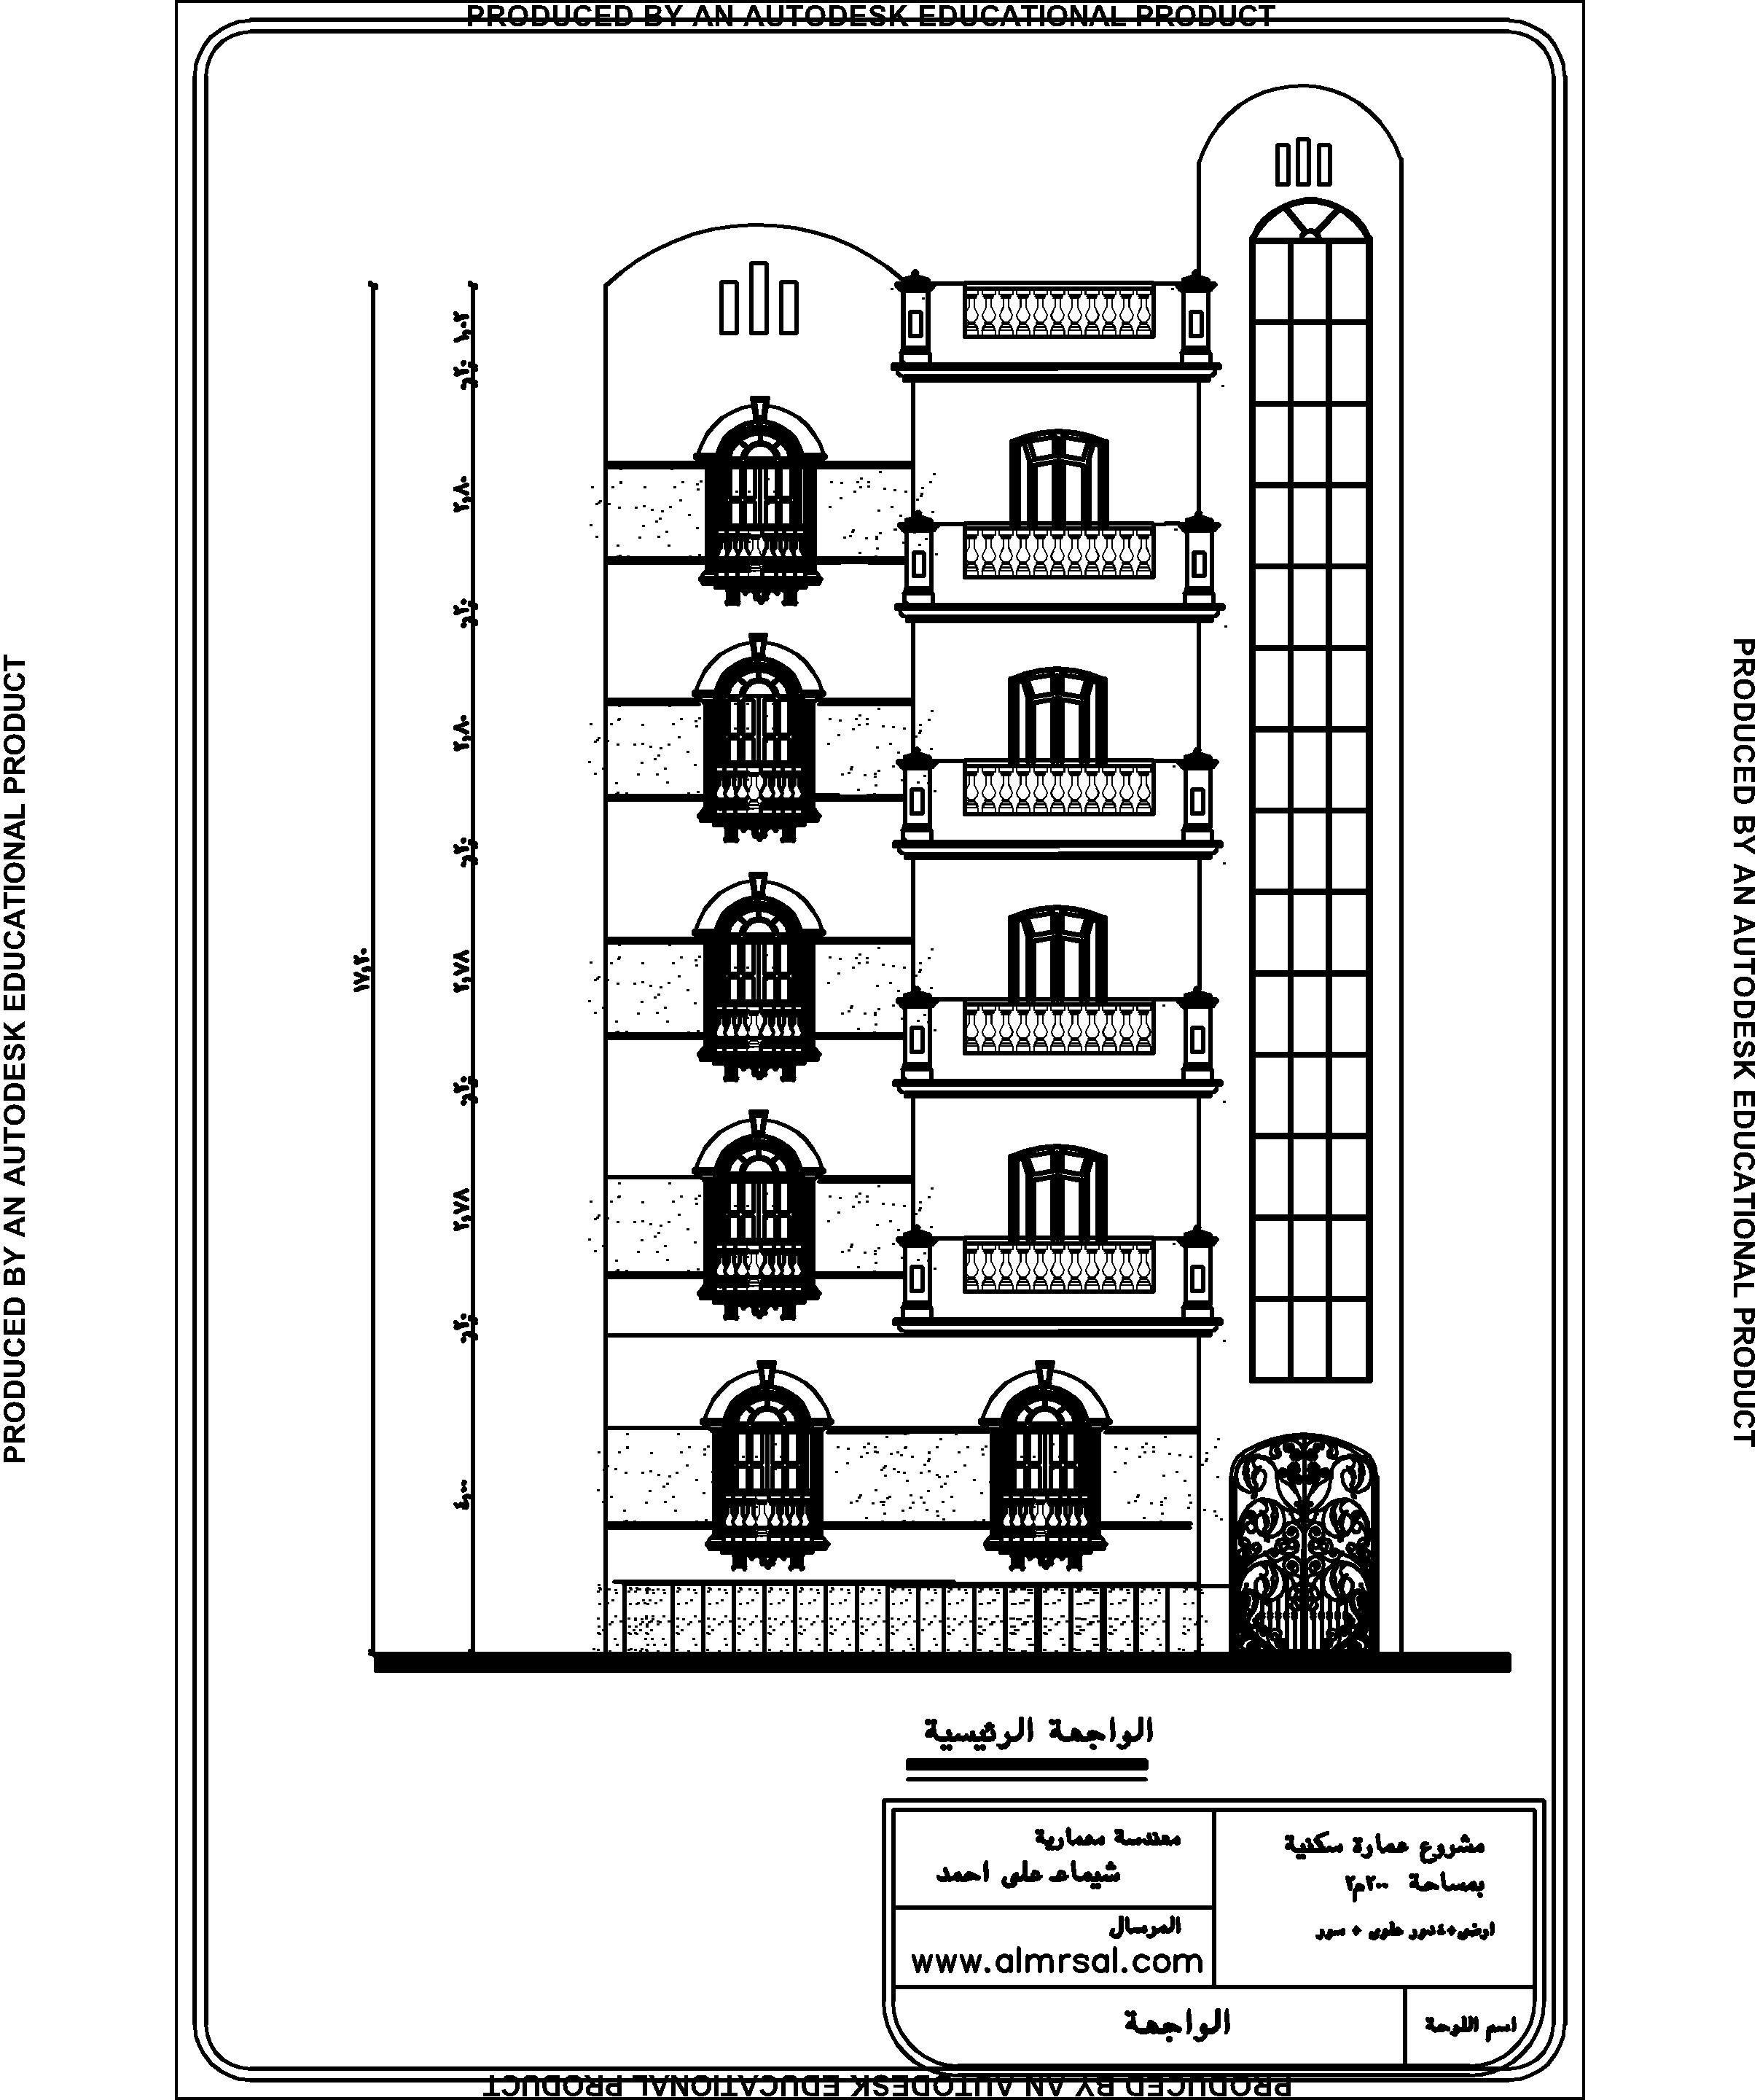 عمارة سكنية بمساحة 200م2 الواجهه الرئيسية